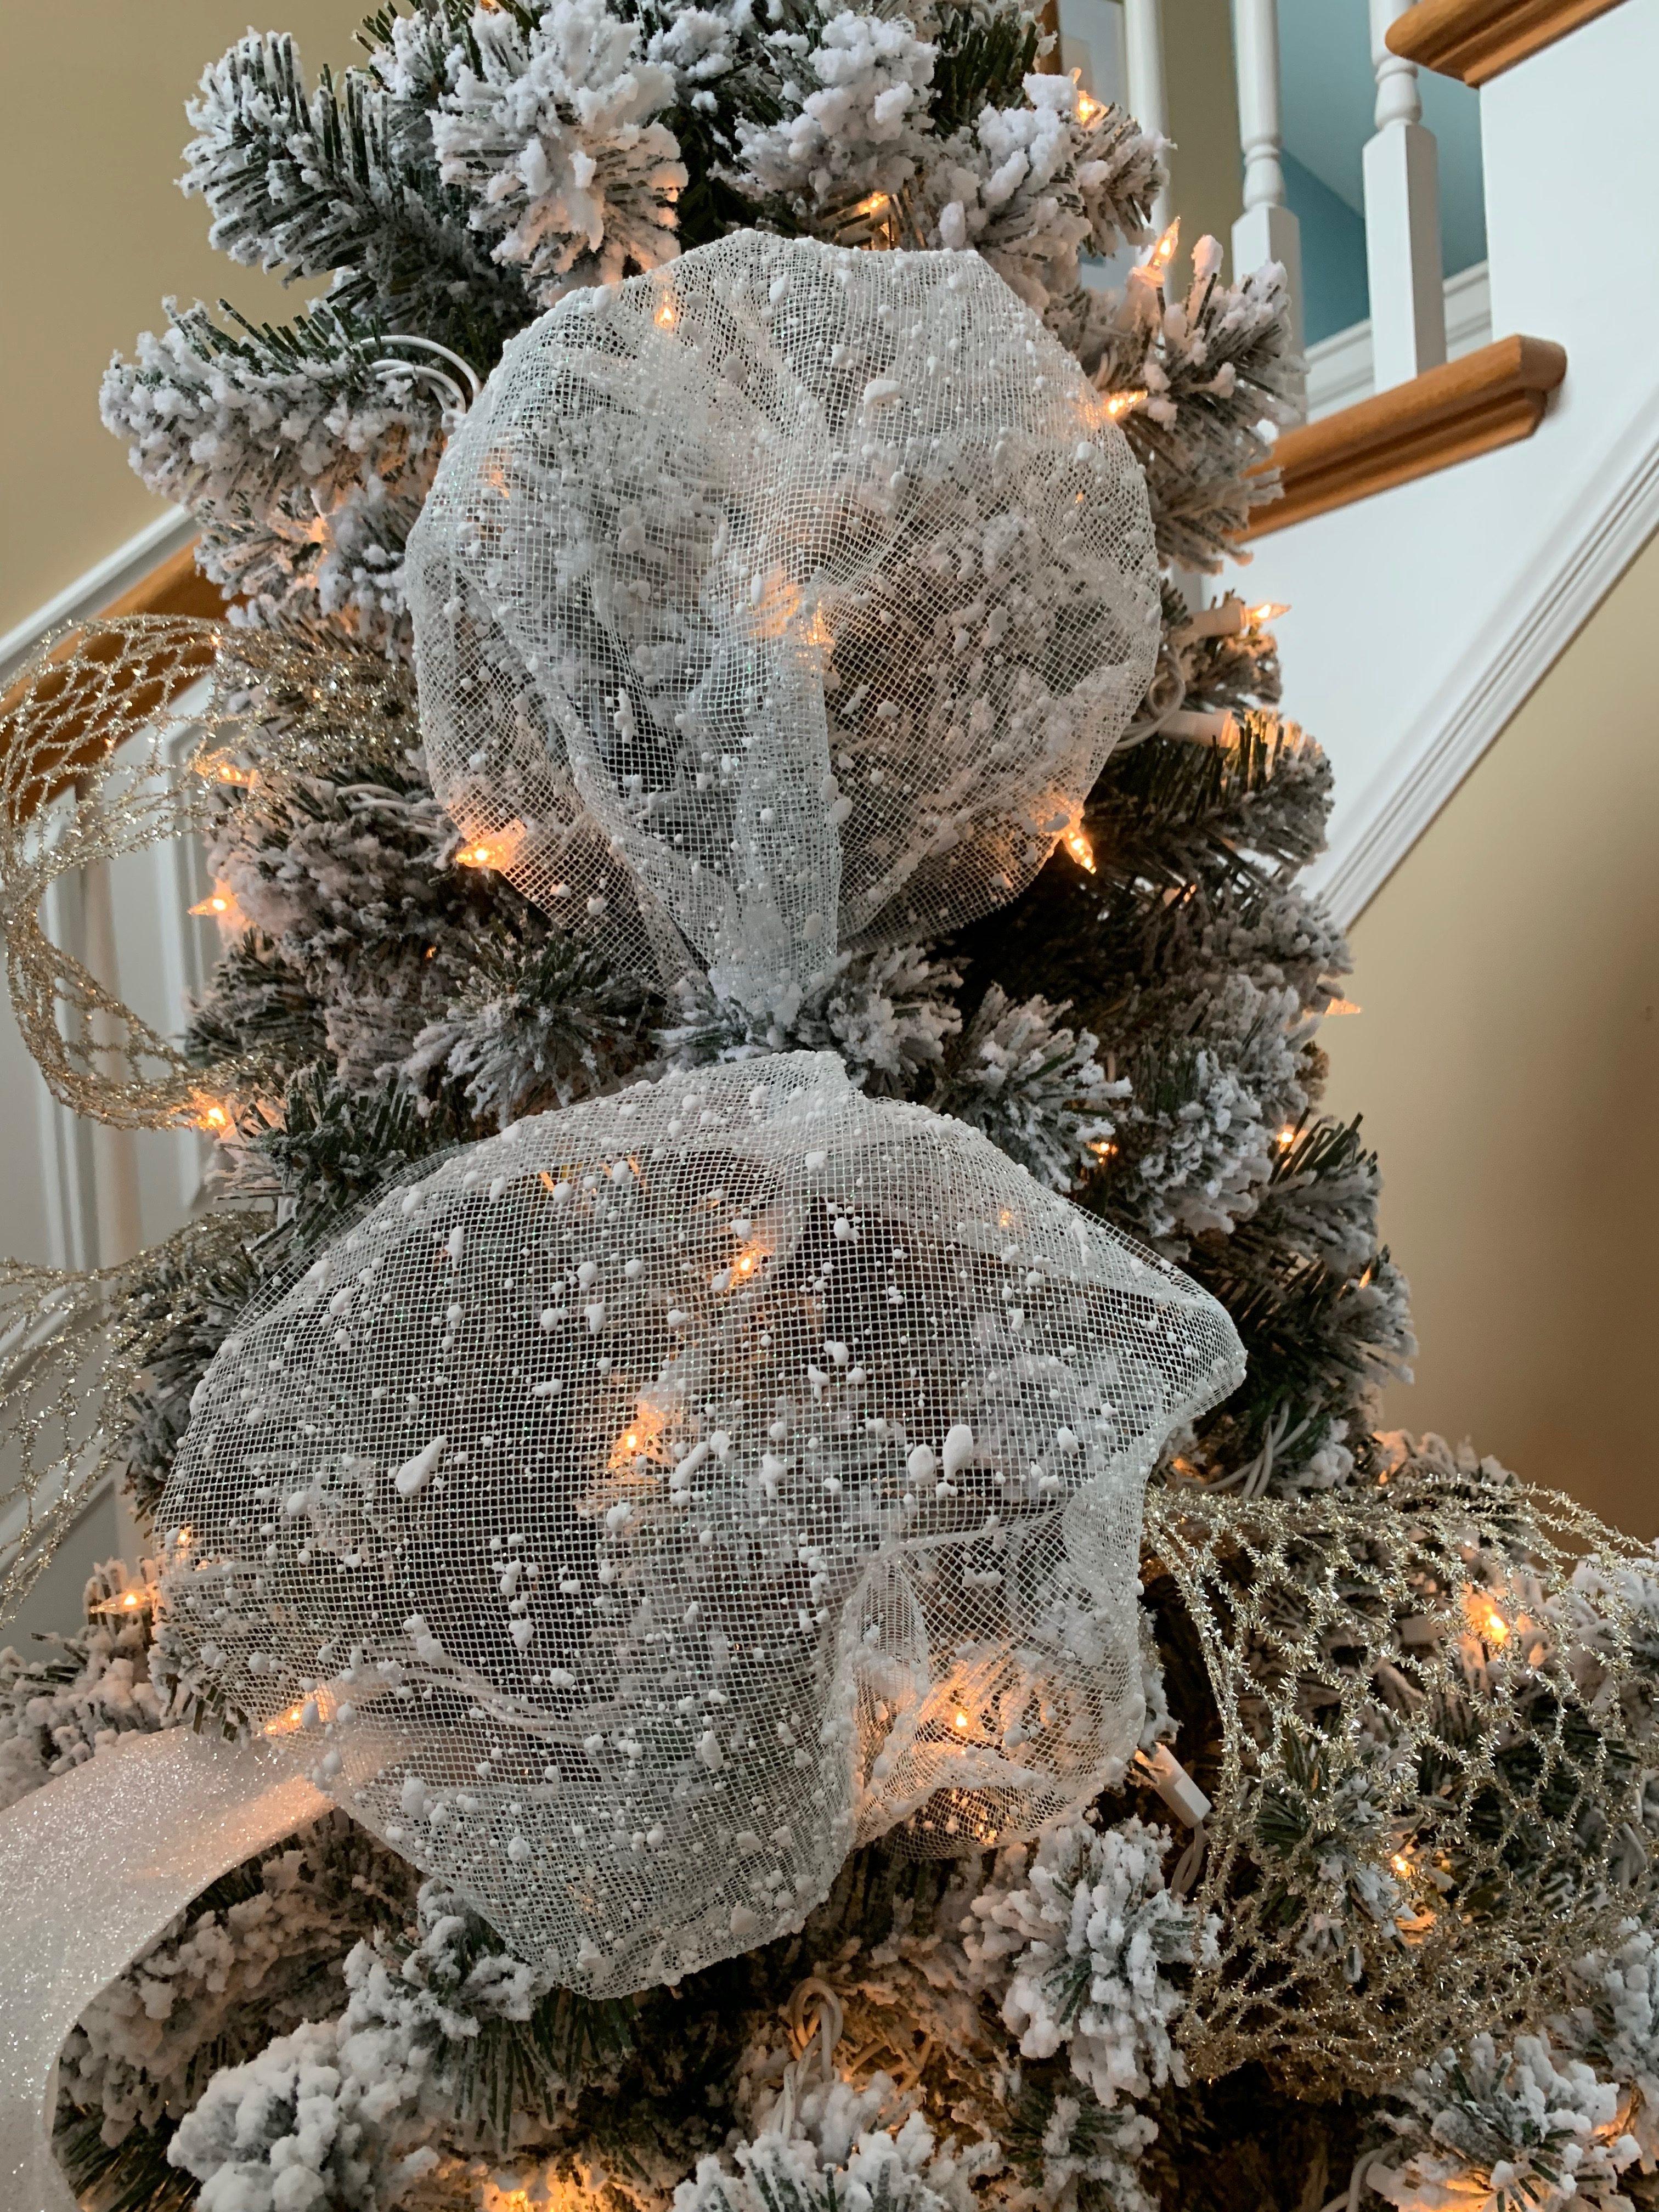 How to Add Ribbon to a Christmas Tree. #christmastree #christmasdecorations #christmas